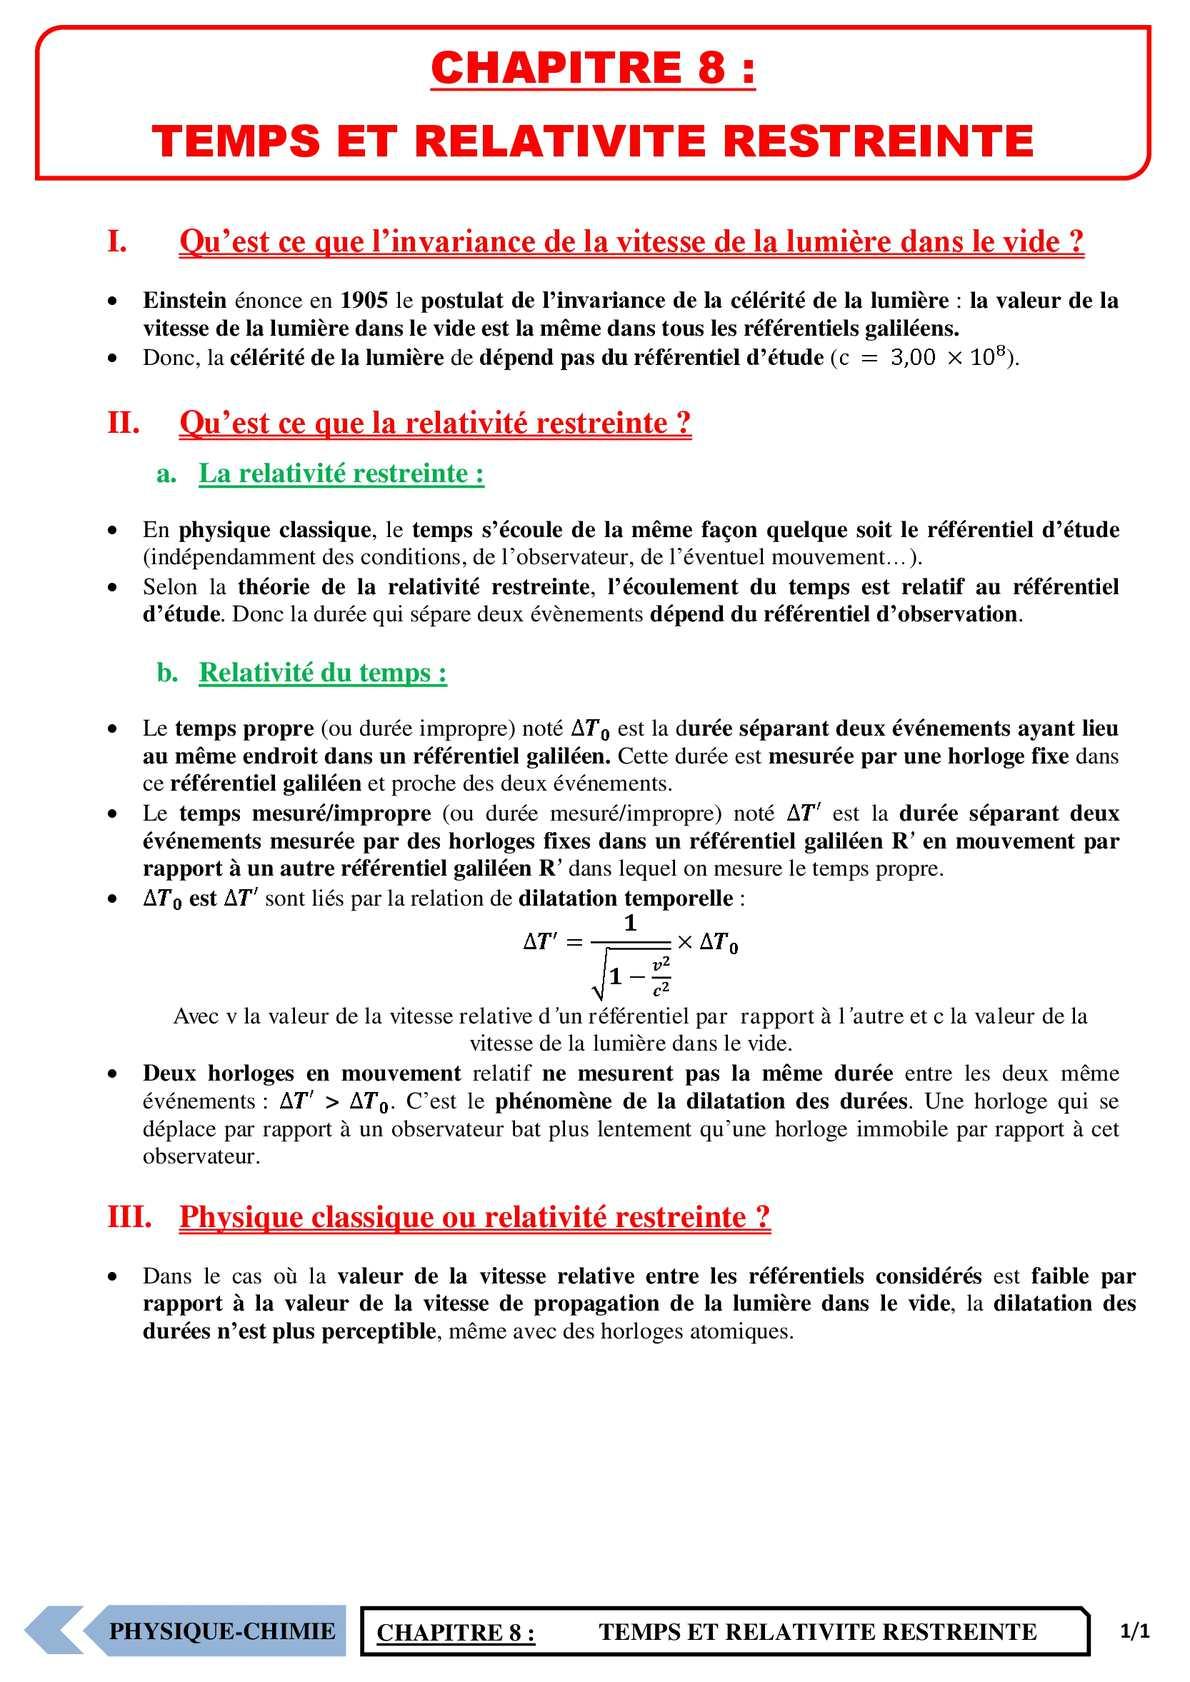 TS - PHYSIQUE/CHIMIE – Chapitre 8 | JéSky.fr